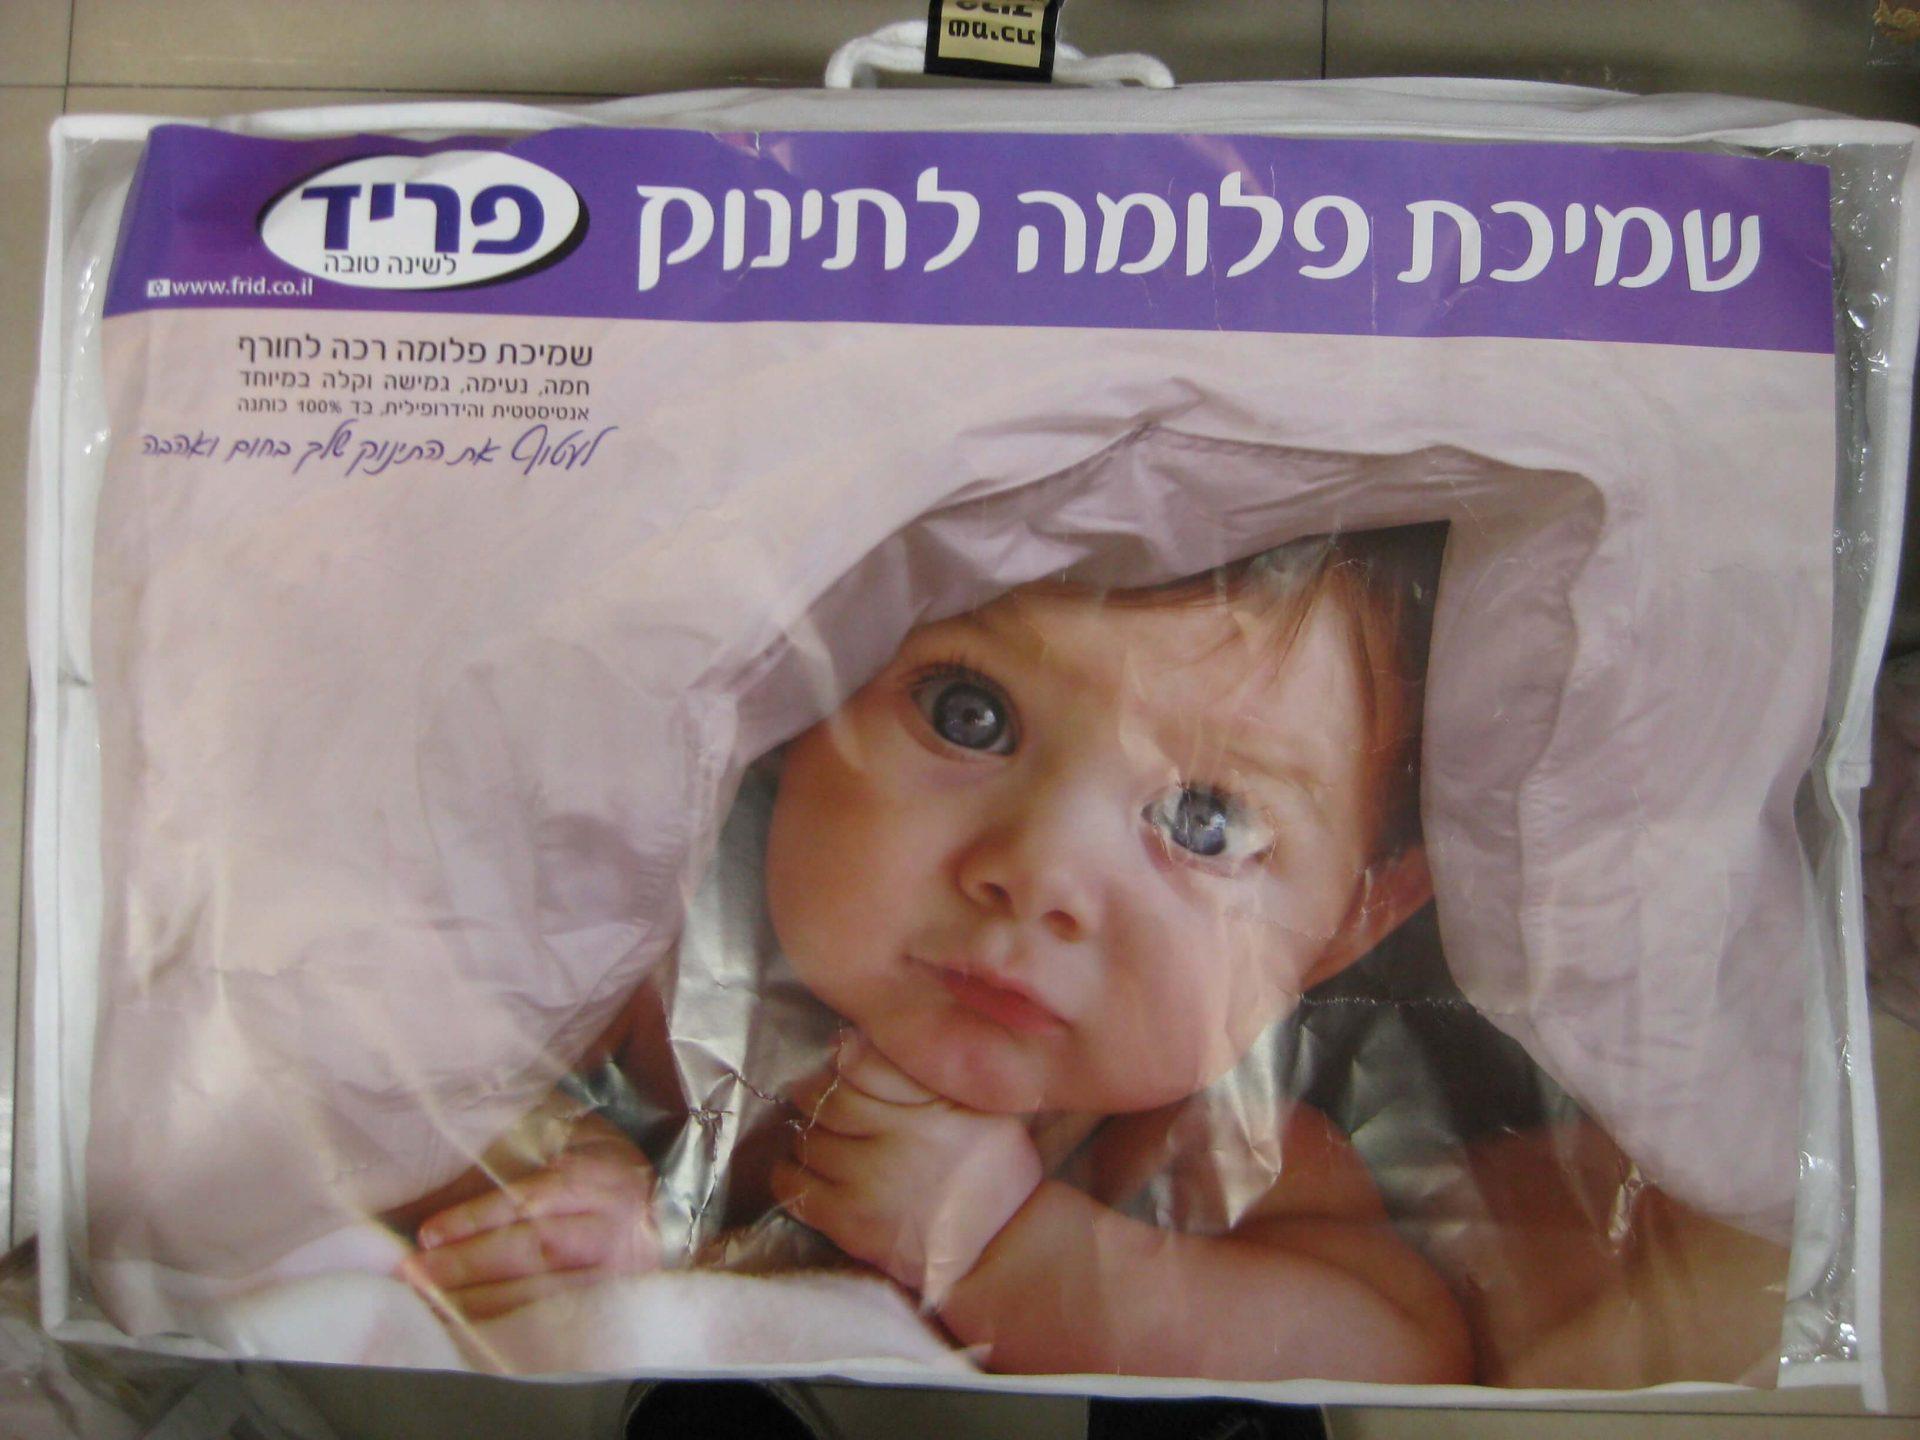 שמיכת פוך פלומה לתינוק